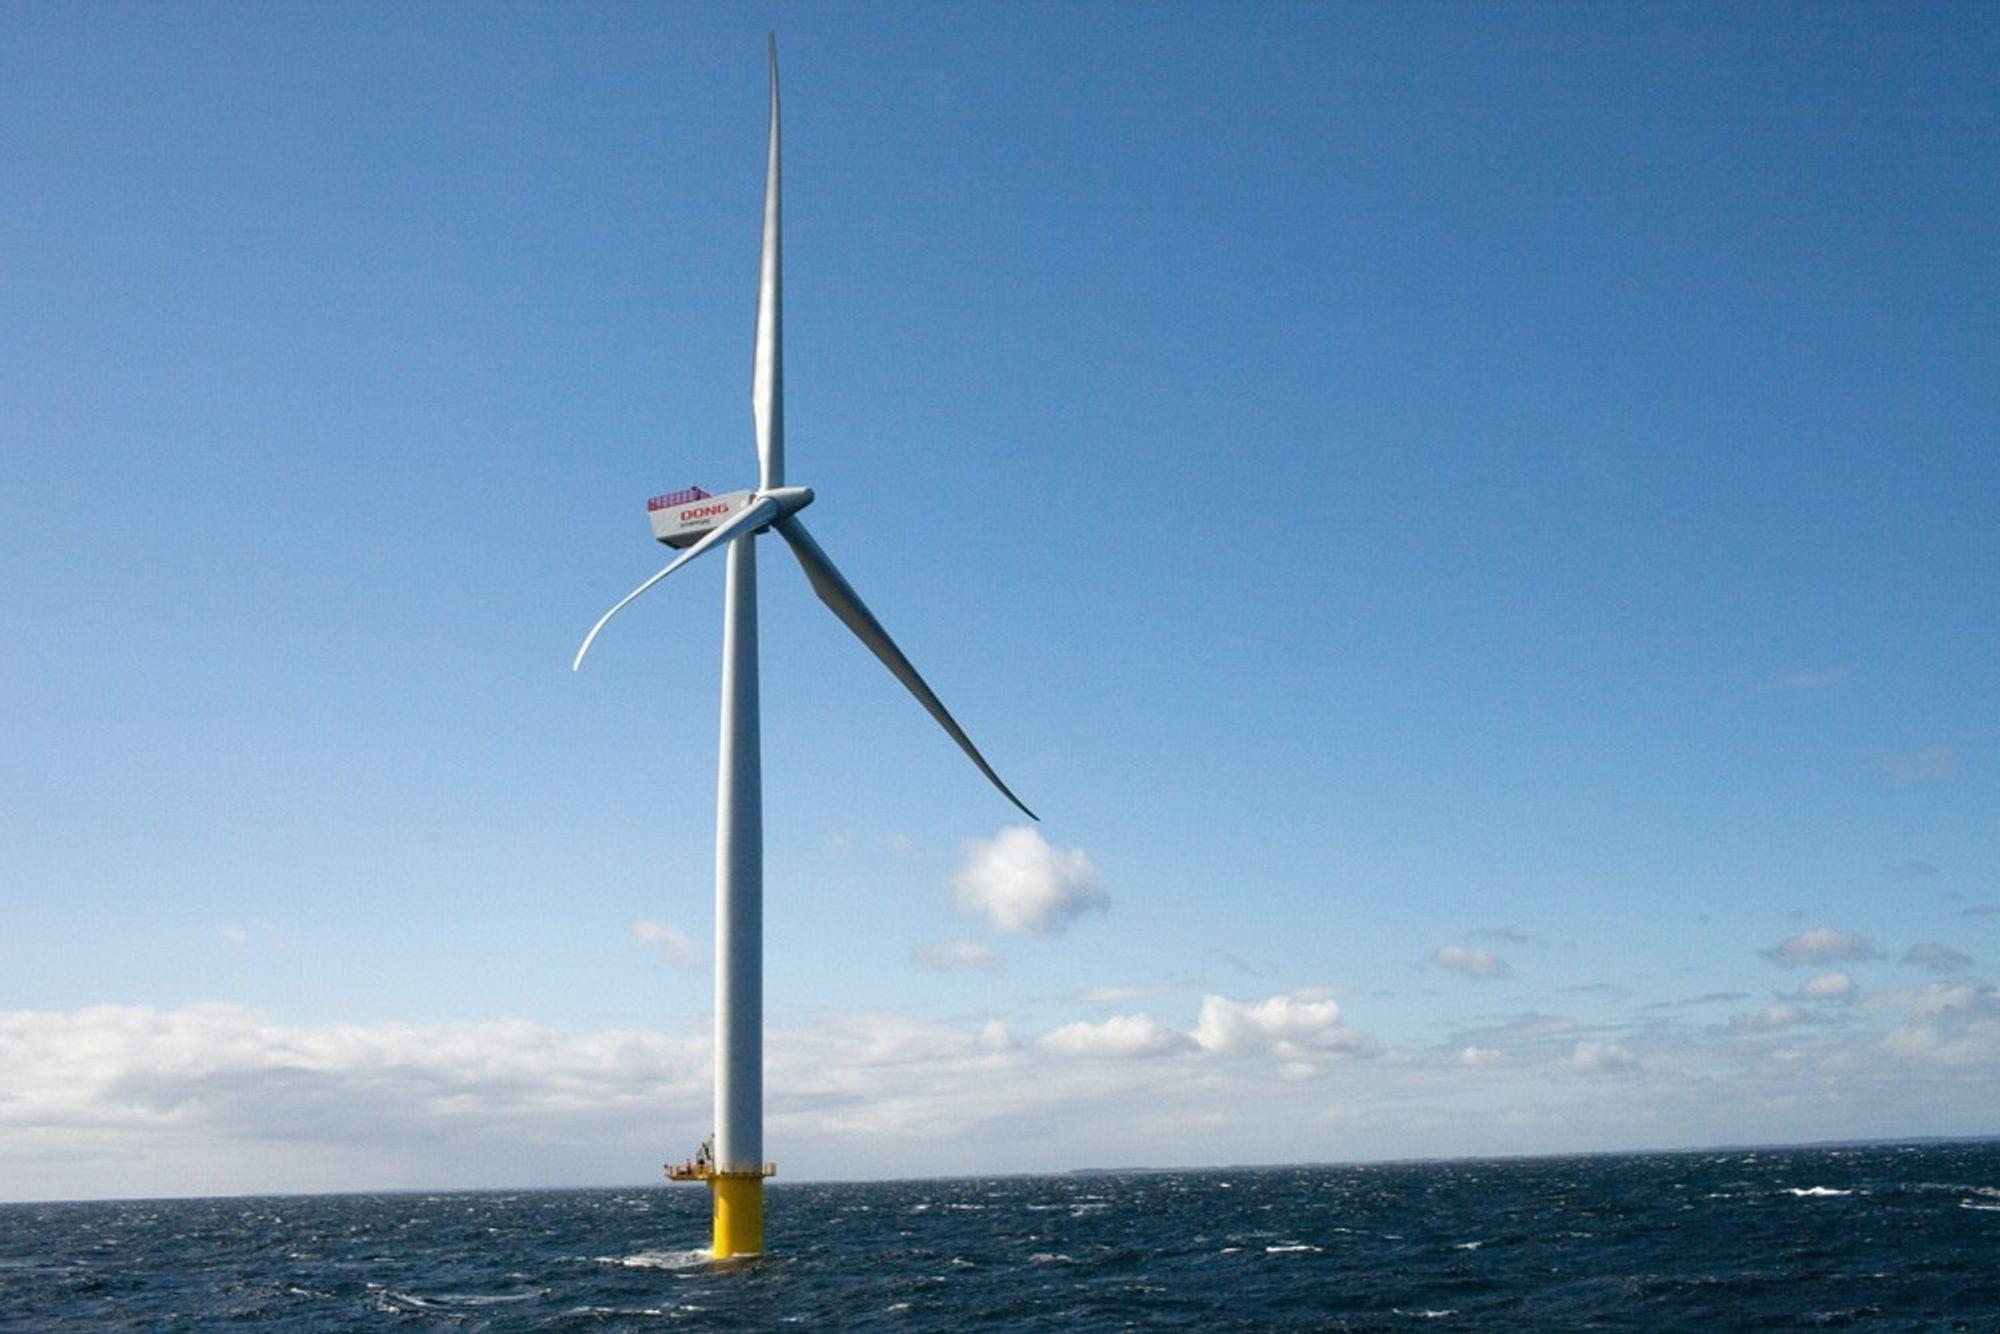 En av de 61 vindmøllene som er installert i Anholt Havvindpark i dag. Totalt skal parken bestå av 111 vindmøller.